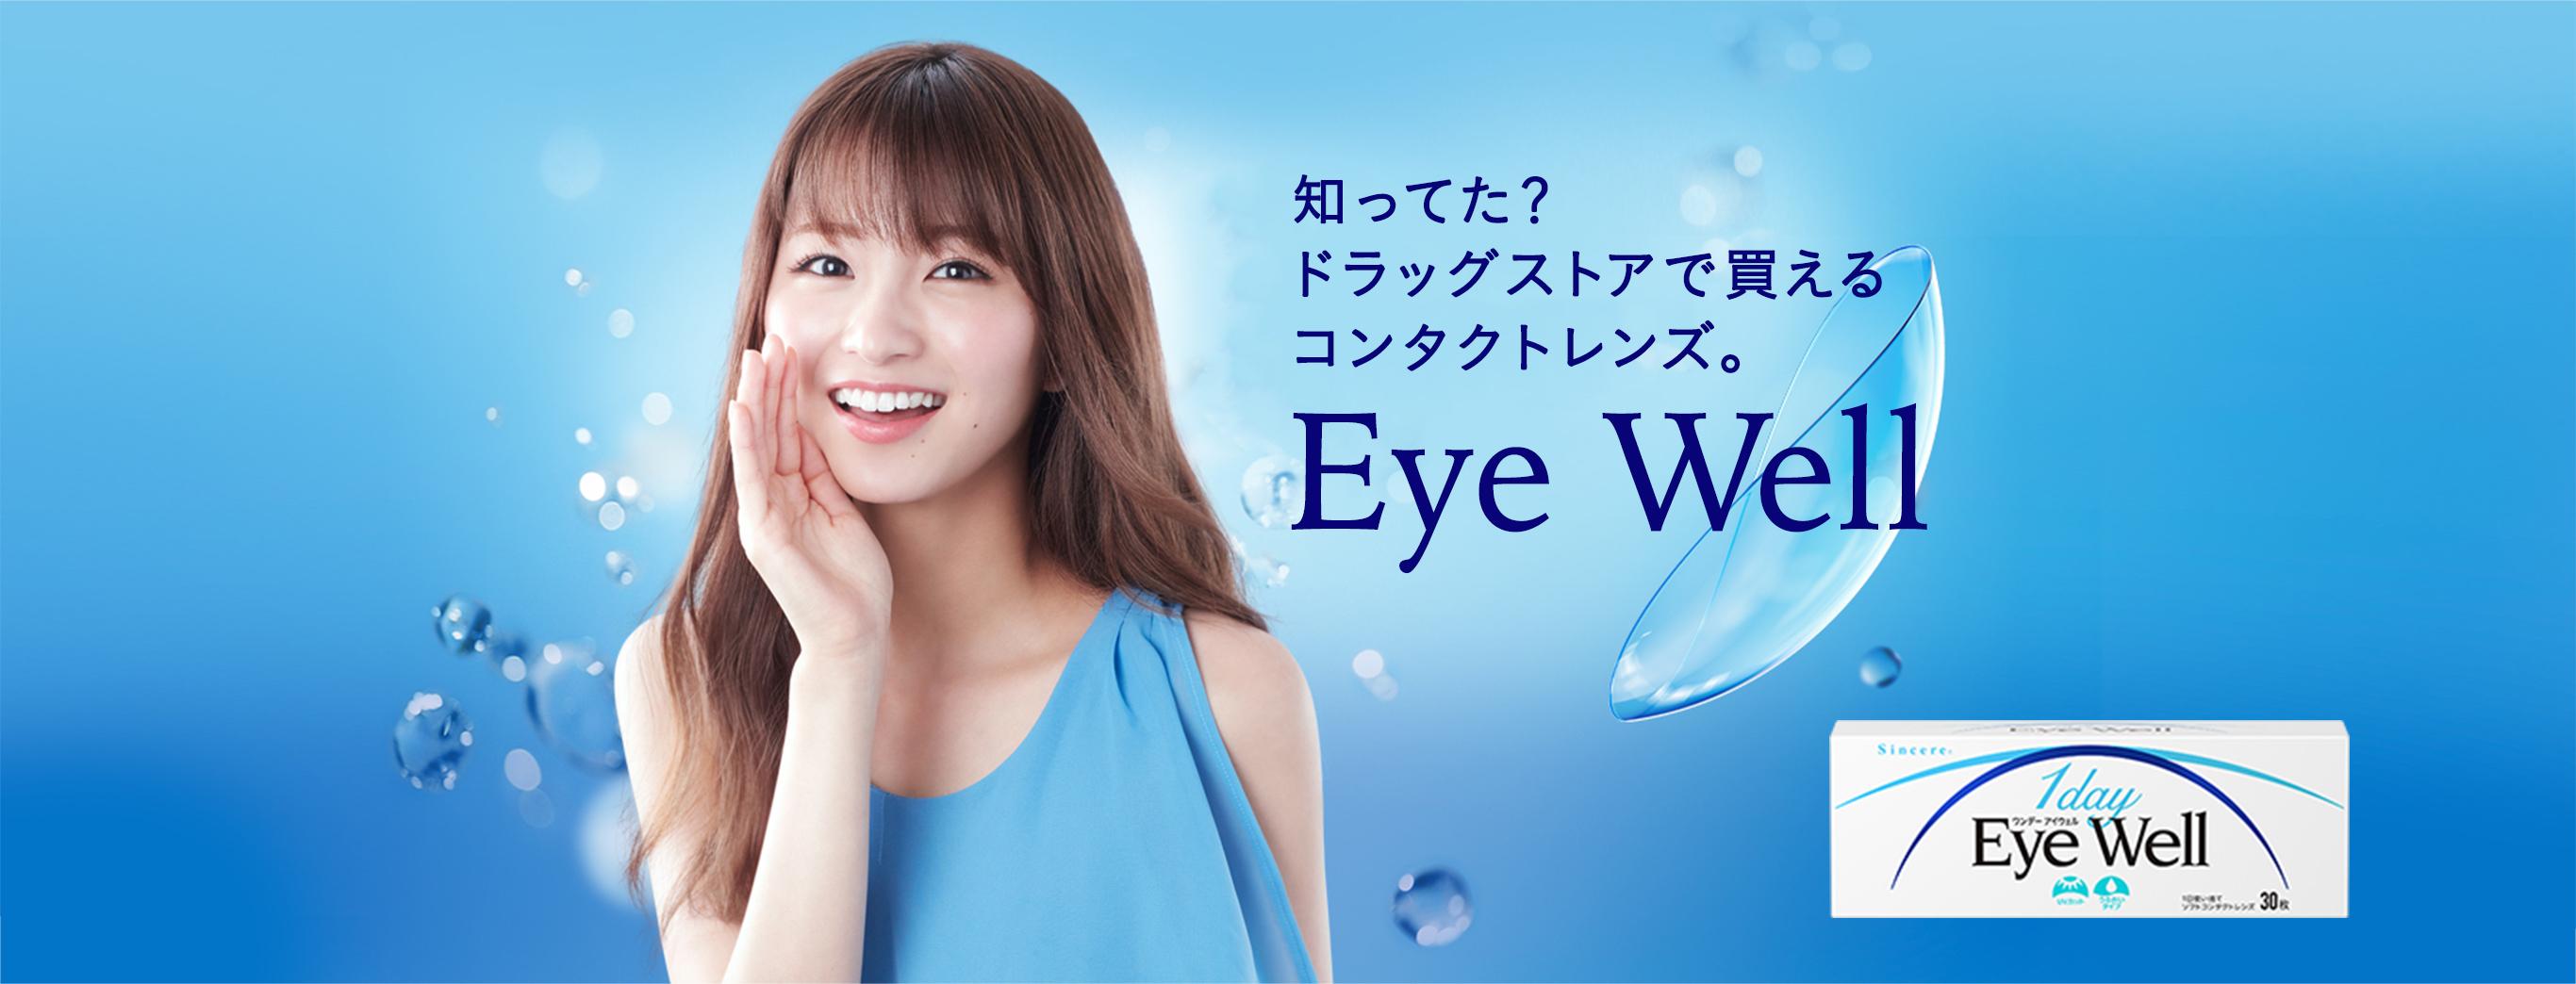 知ってた?ドラッグストアで買えるコンタクトレンズ。EyeWell